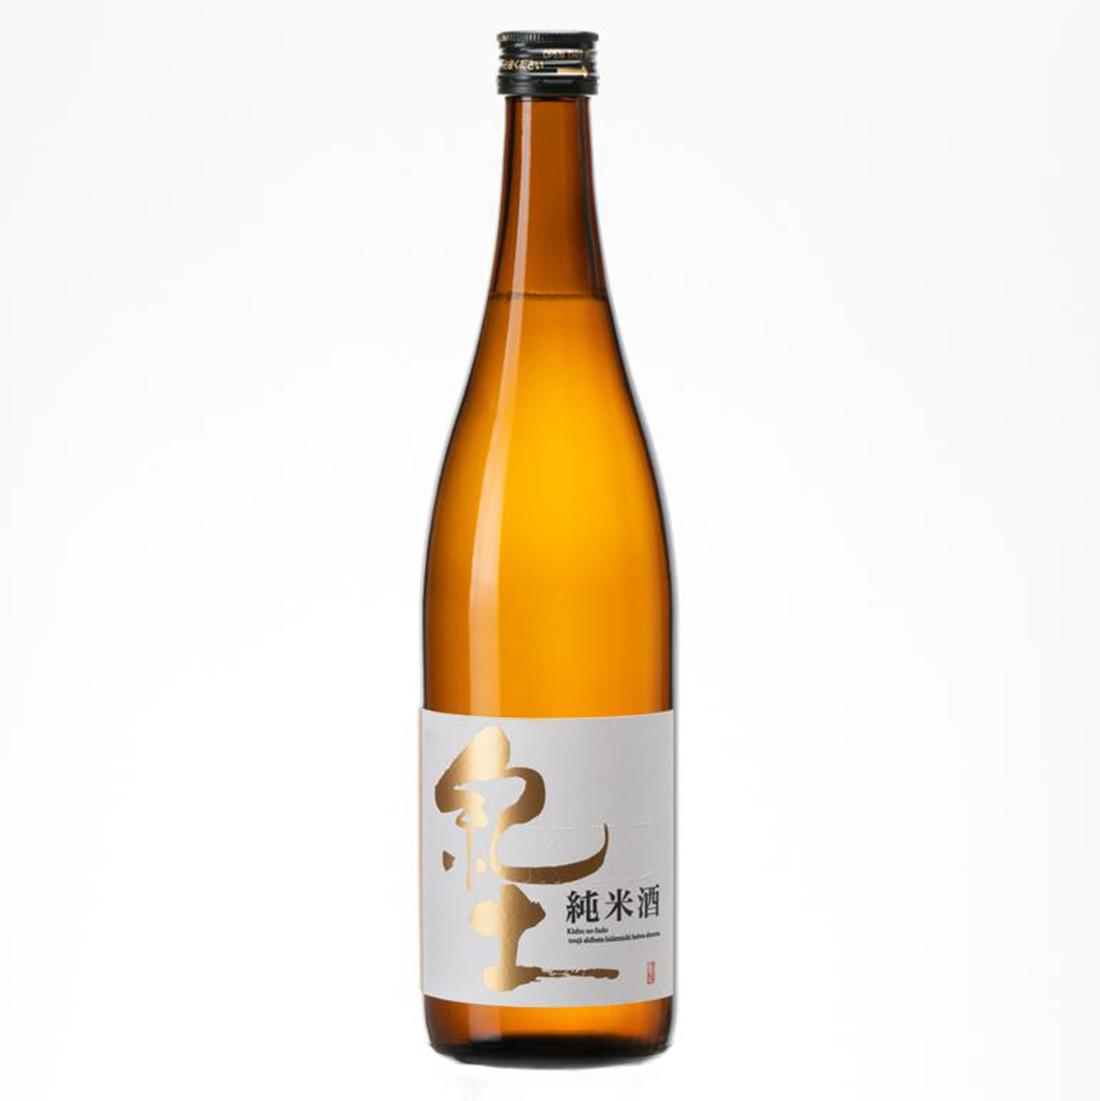 紀土 -KID- 純米酒